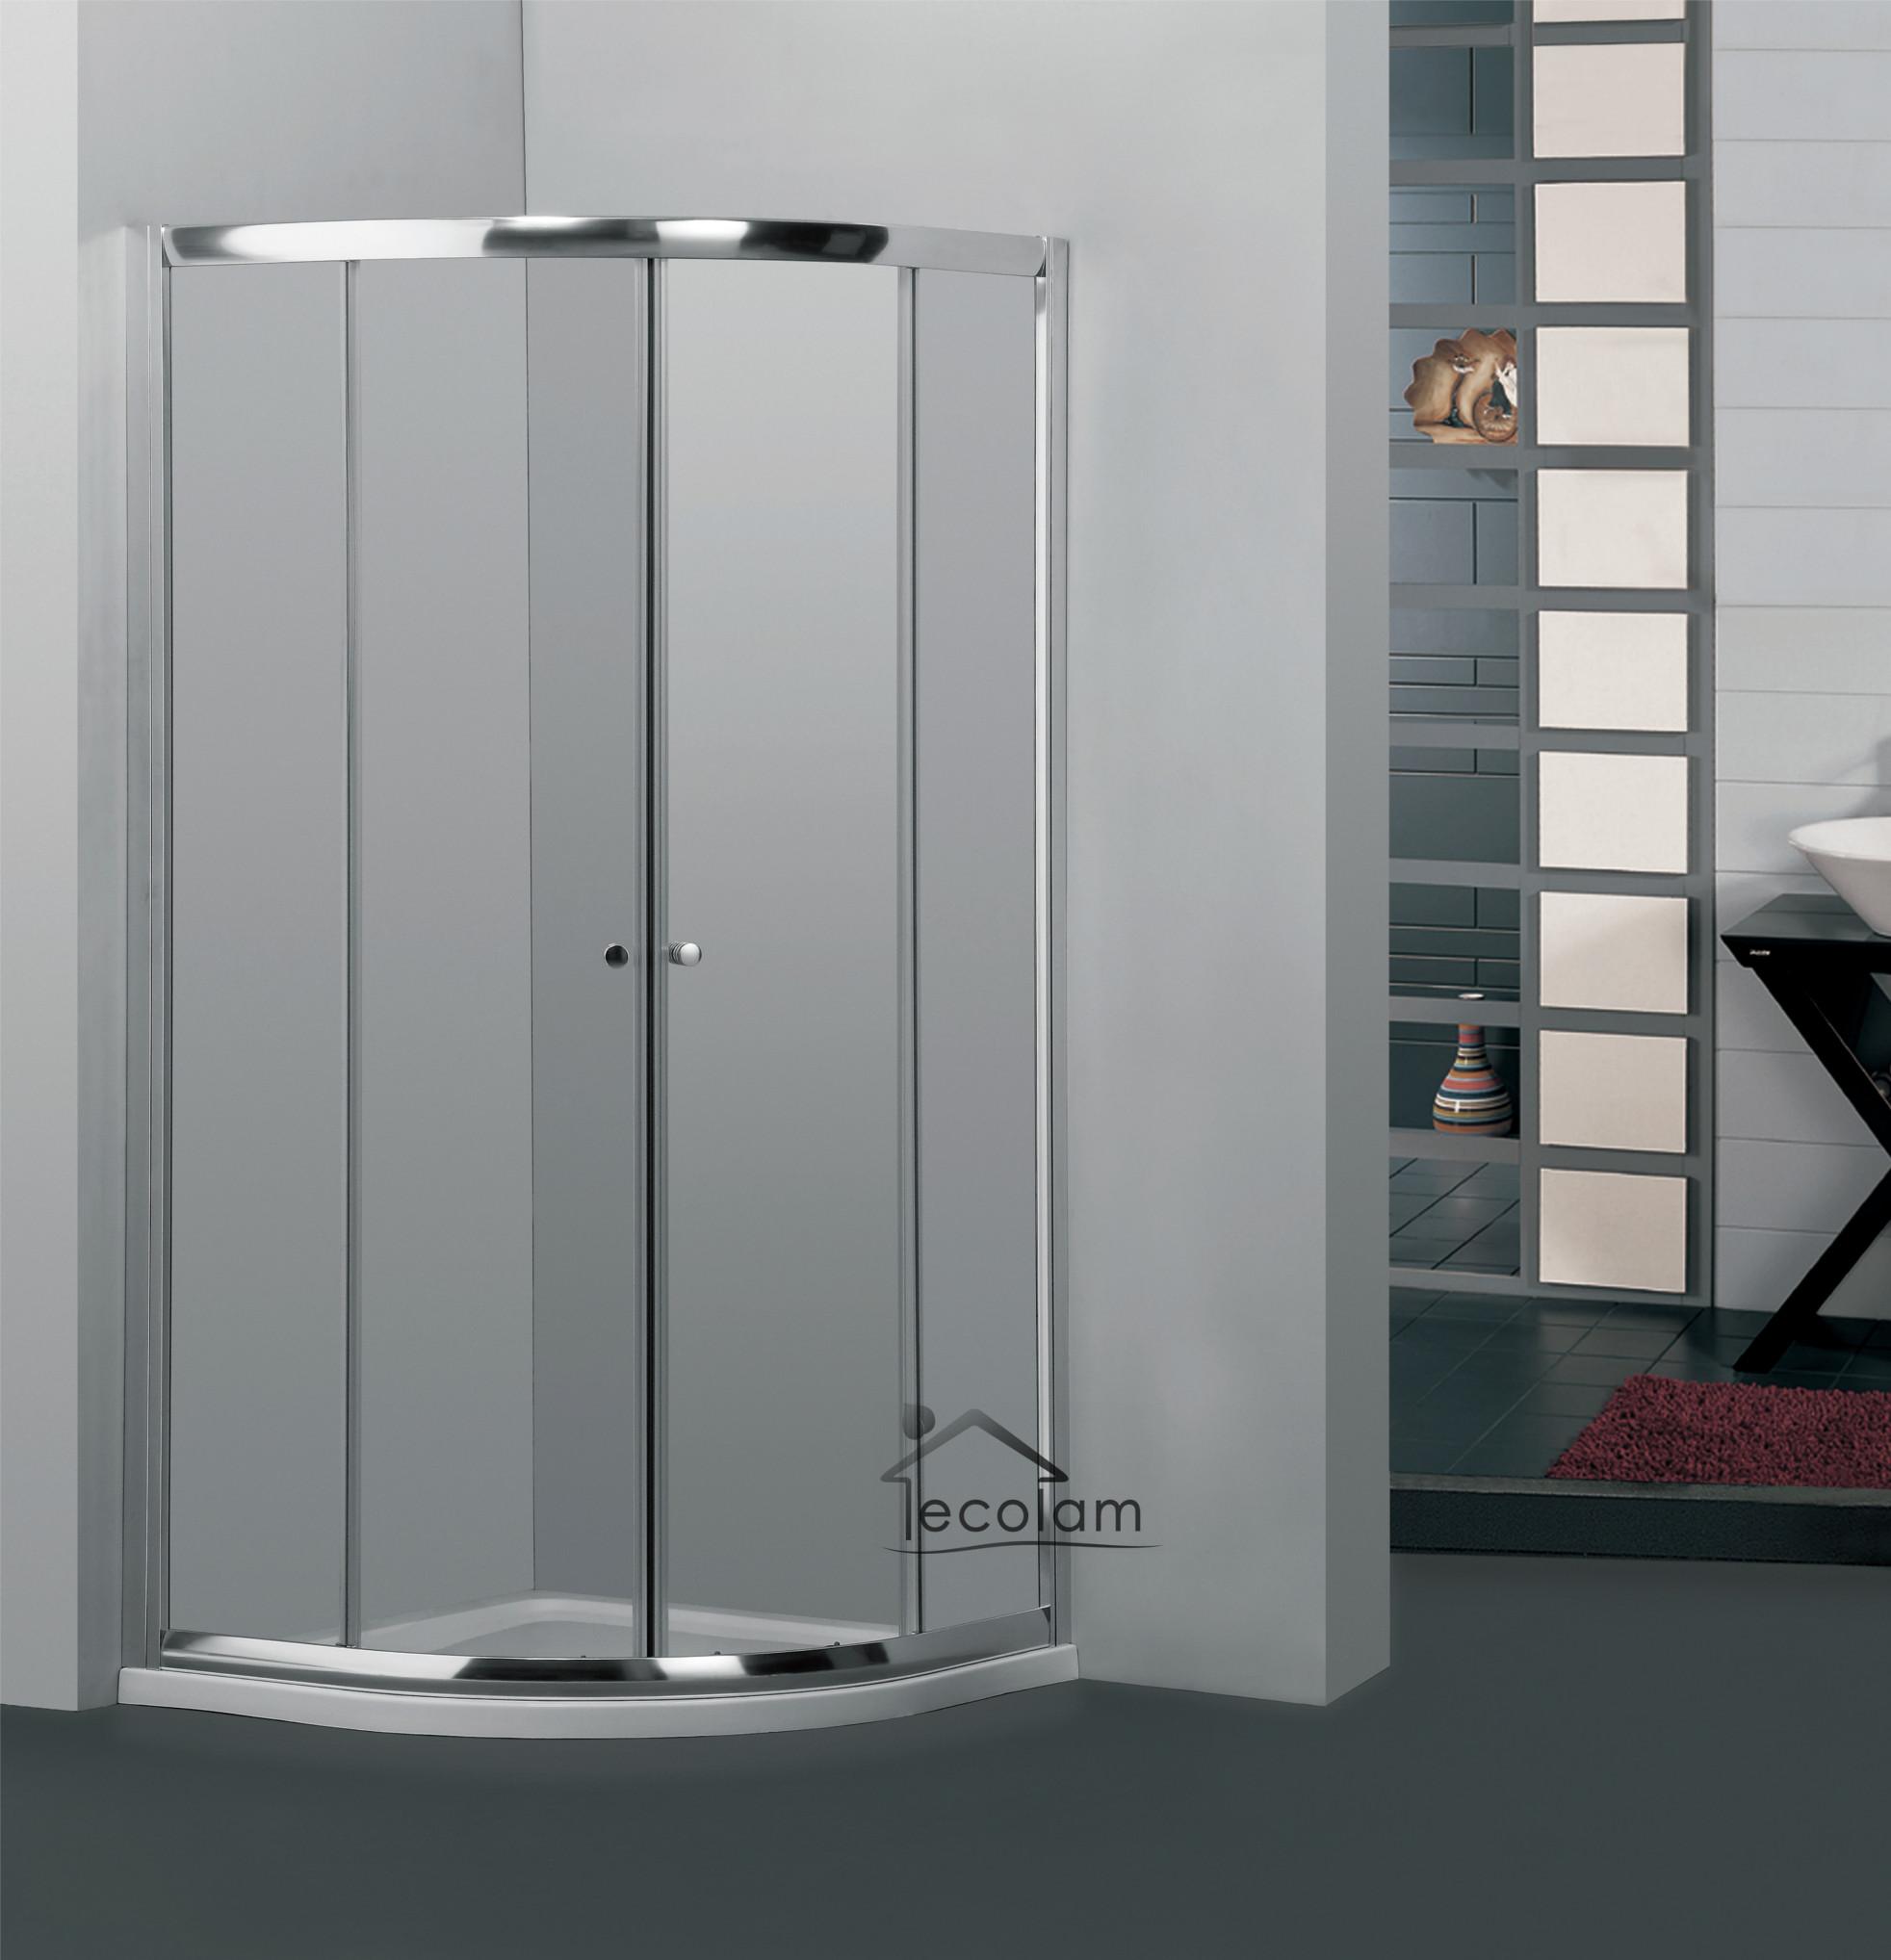 duschkabine duschabtrennung viertelkreis glas 80x80 185 cm r55 transparent br ebay. Black Bedroom Furniture Sets. Home Design Ideas